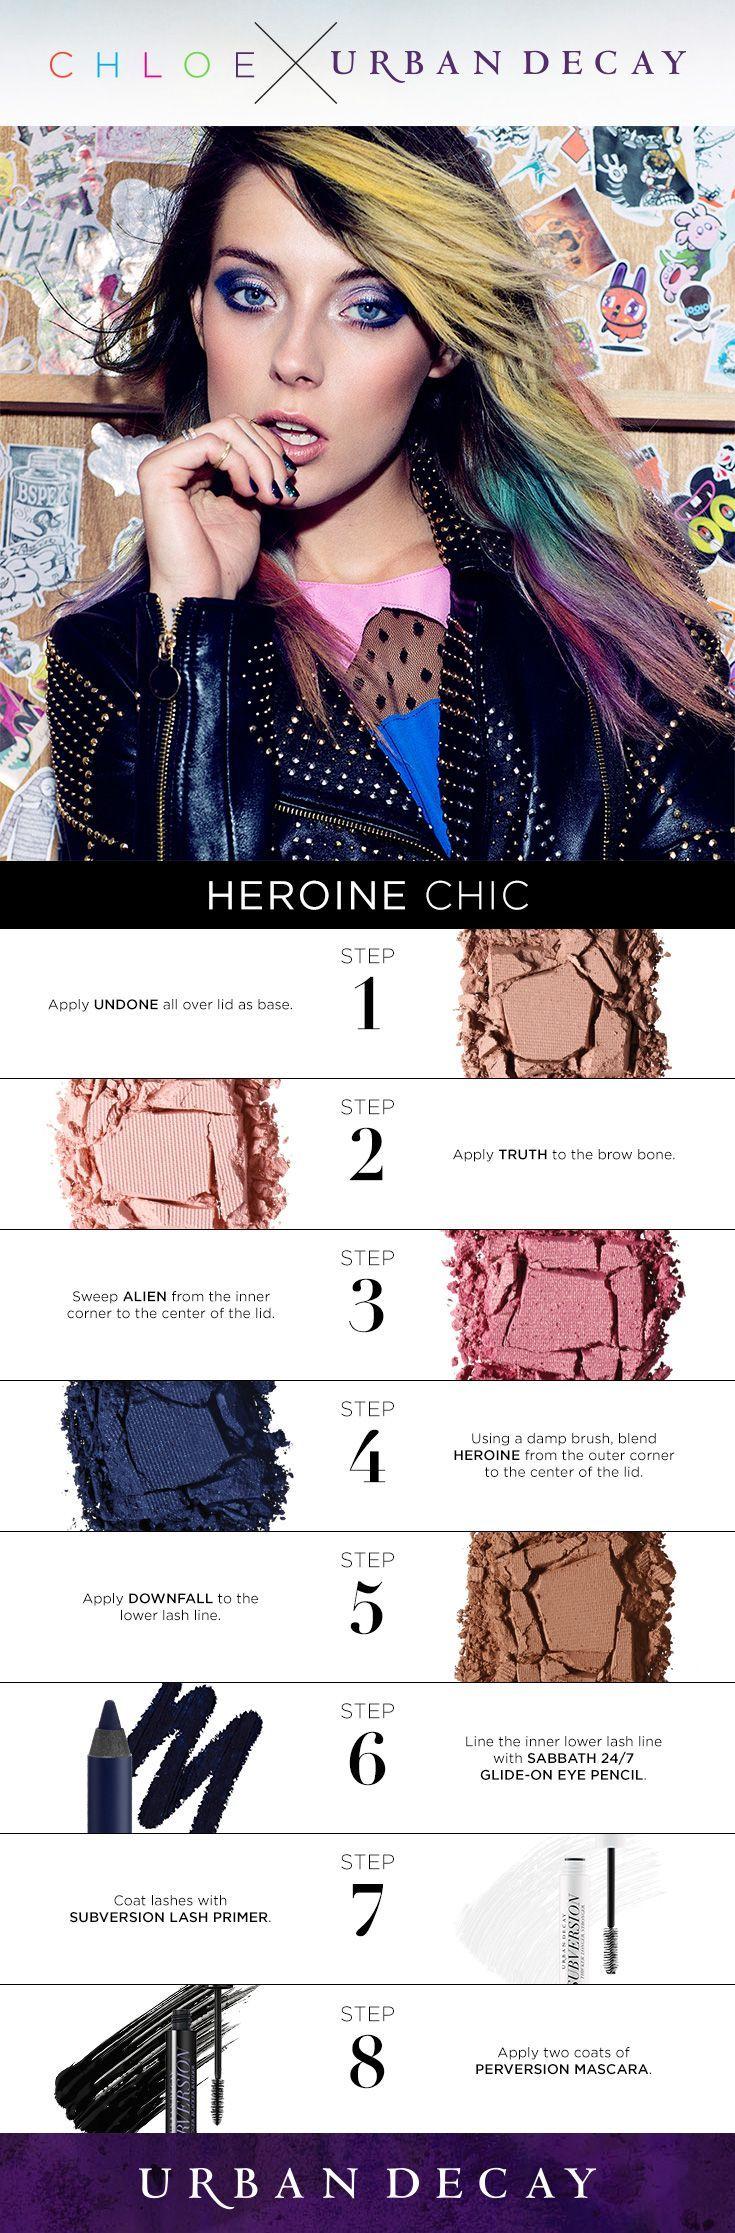 #heroinechic